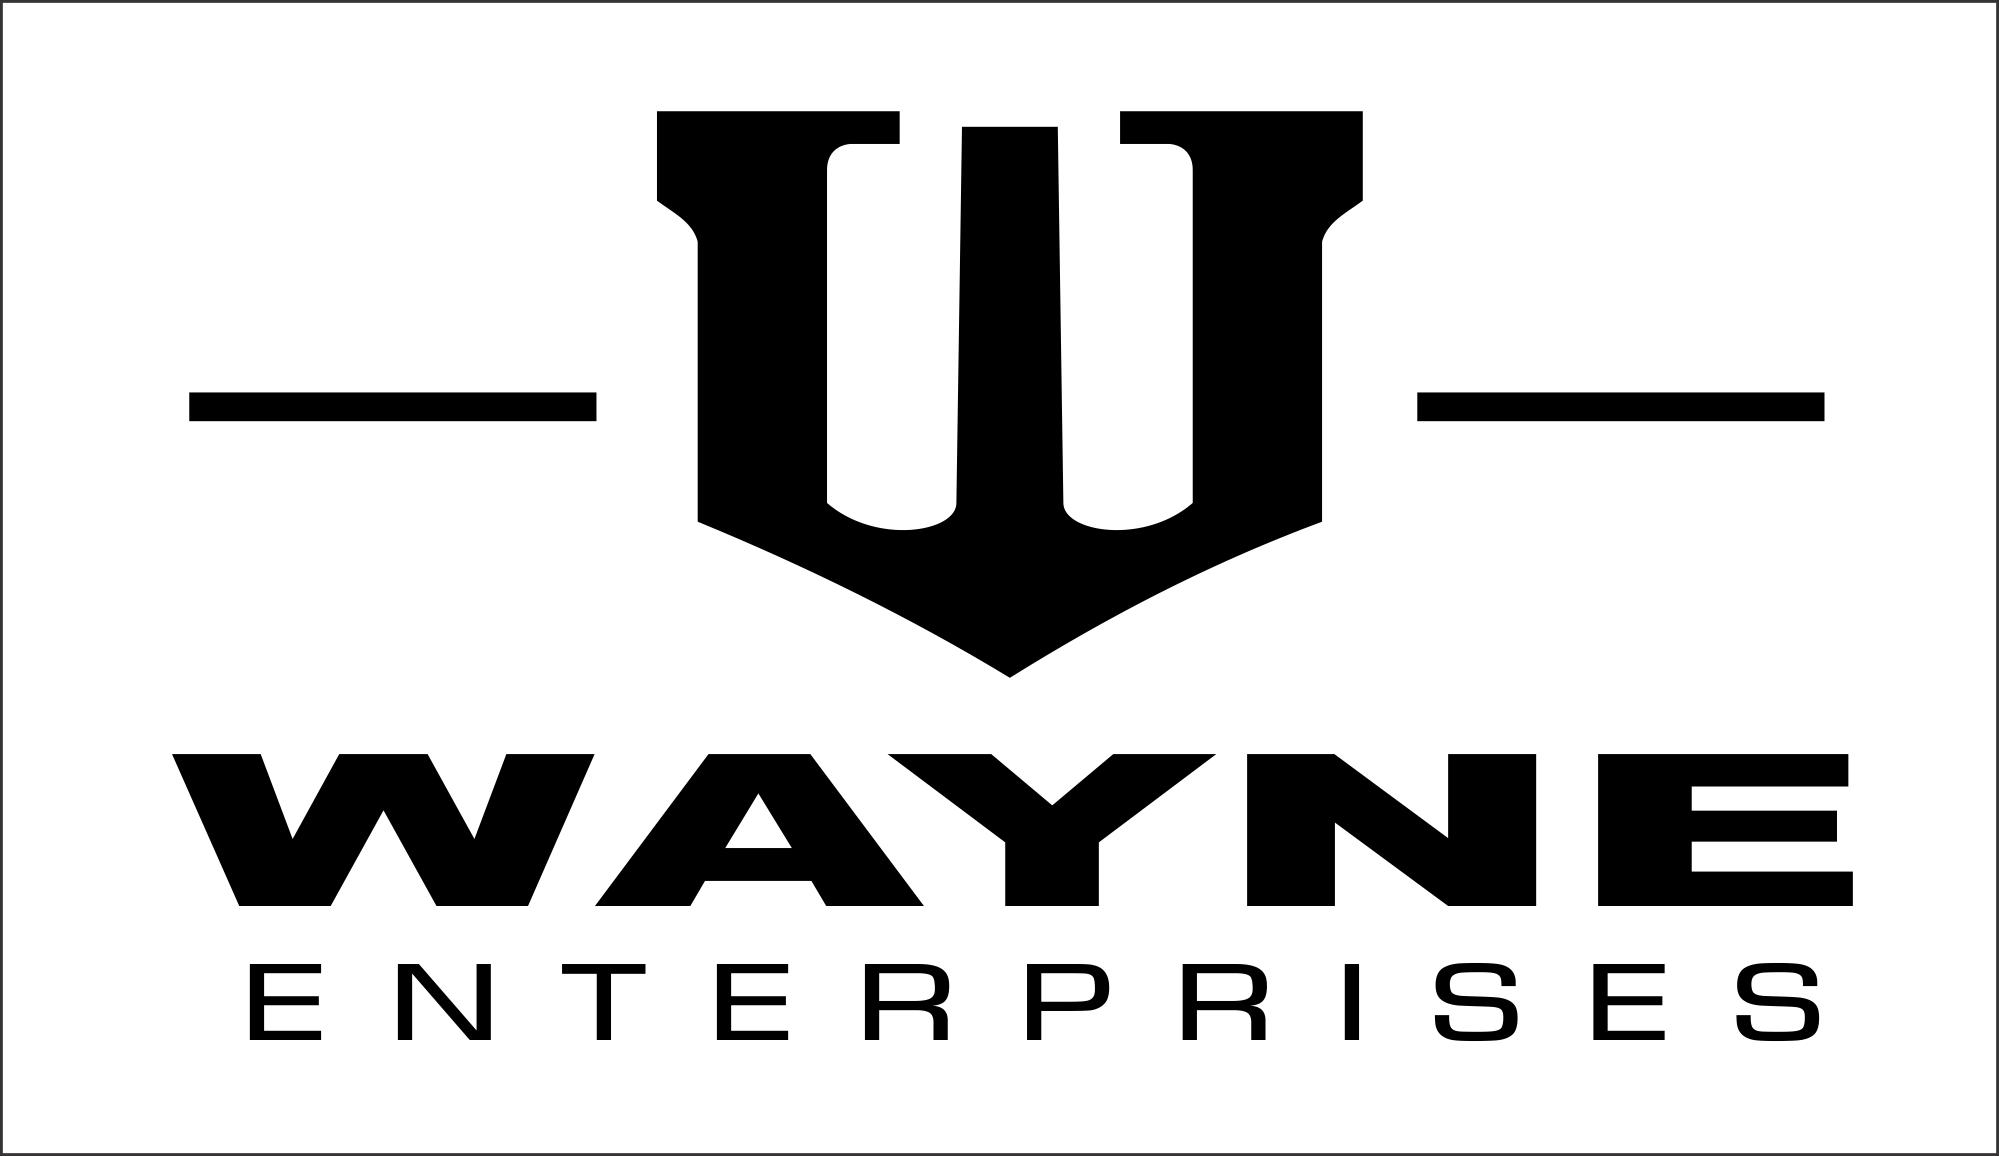 Wayne Enterprises | DC Comics Extended Universe Wiki ... Amy Adams Wiki